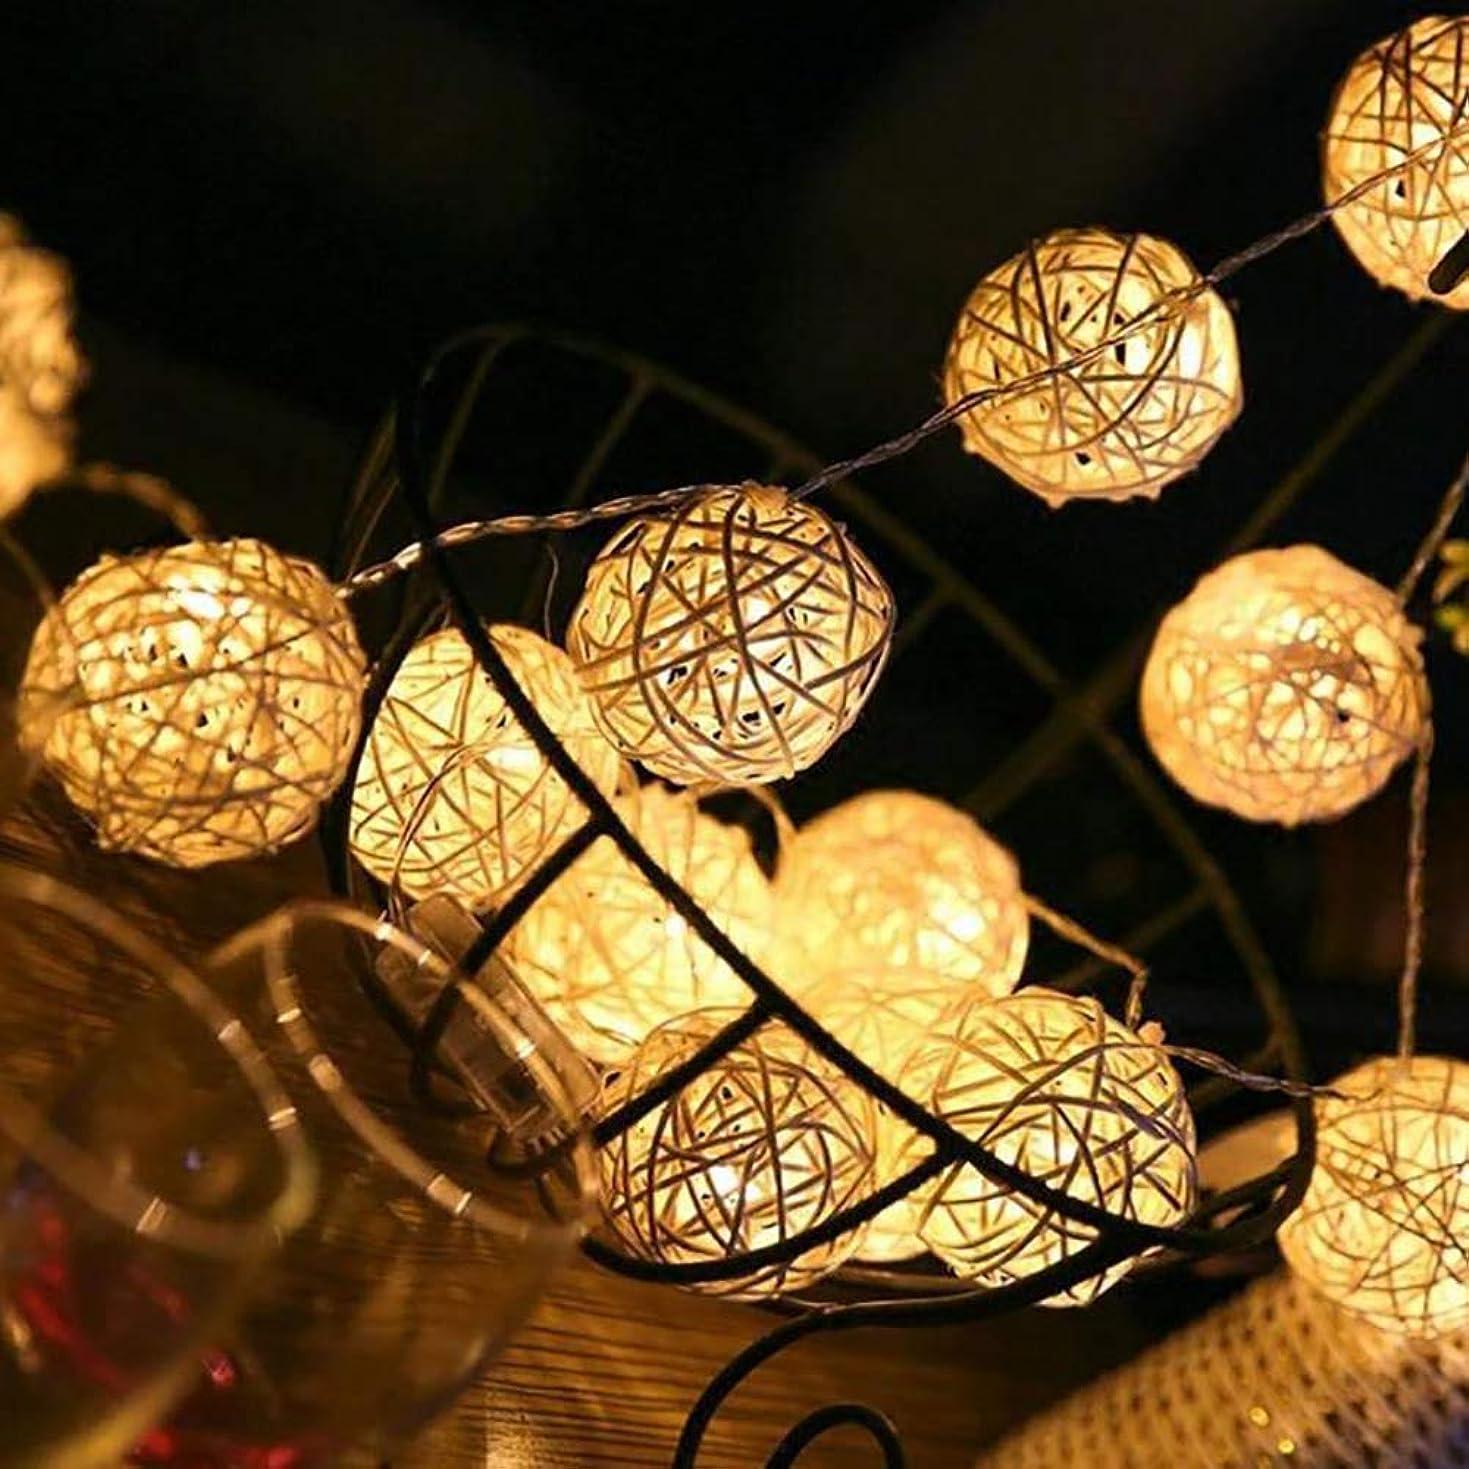 わずかにしみスイッチMELODAY ストリングライト イルミネーションライト 電飾 5M 40球 USB給電式 クリスマス パーティー ハロウィン 結婚式 誕生日 新年 祝日 バレンタインデー LED 飾りライト 防水 電球色 屋内 屋外 ボール型 (USB給電式)